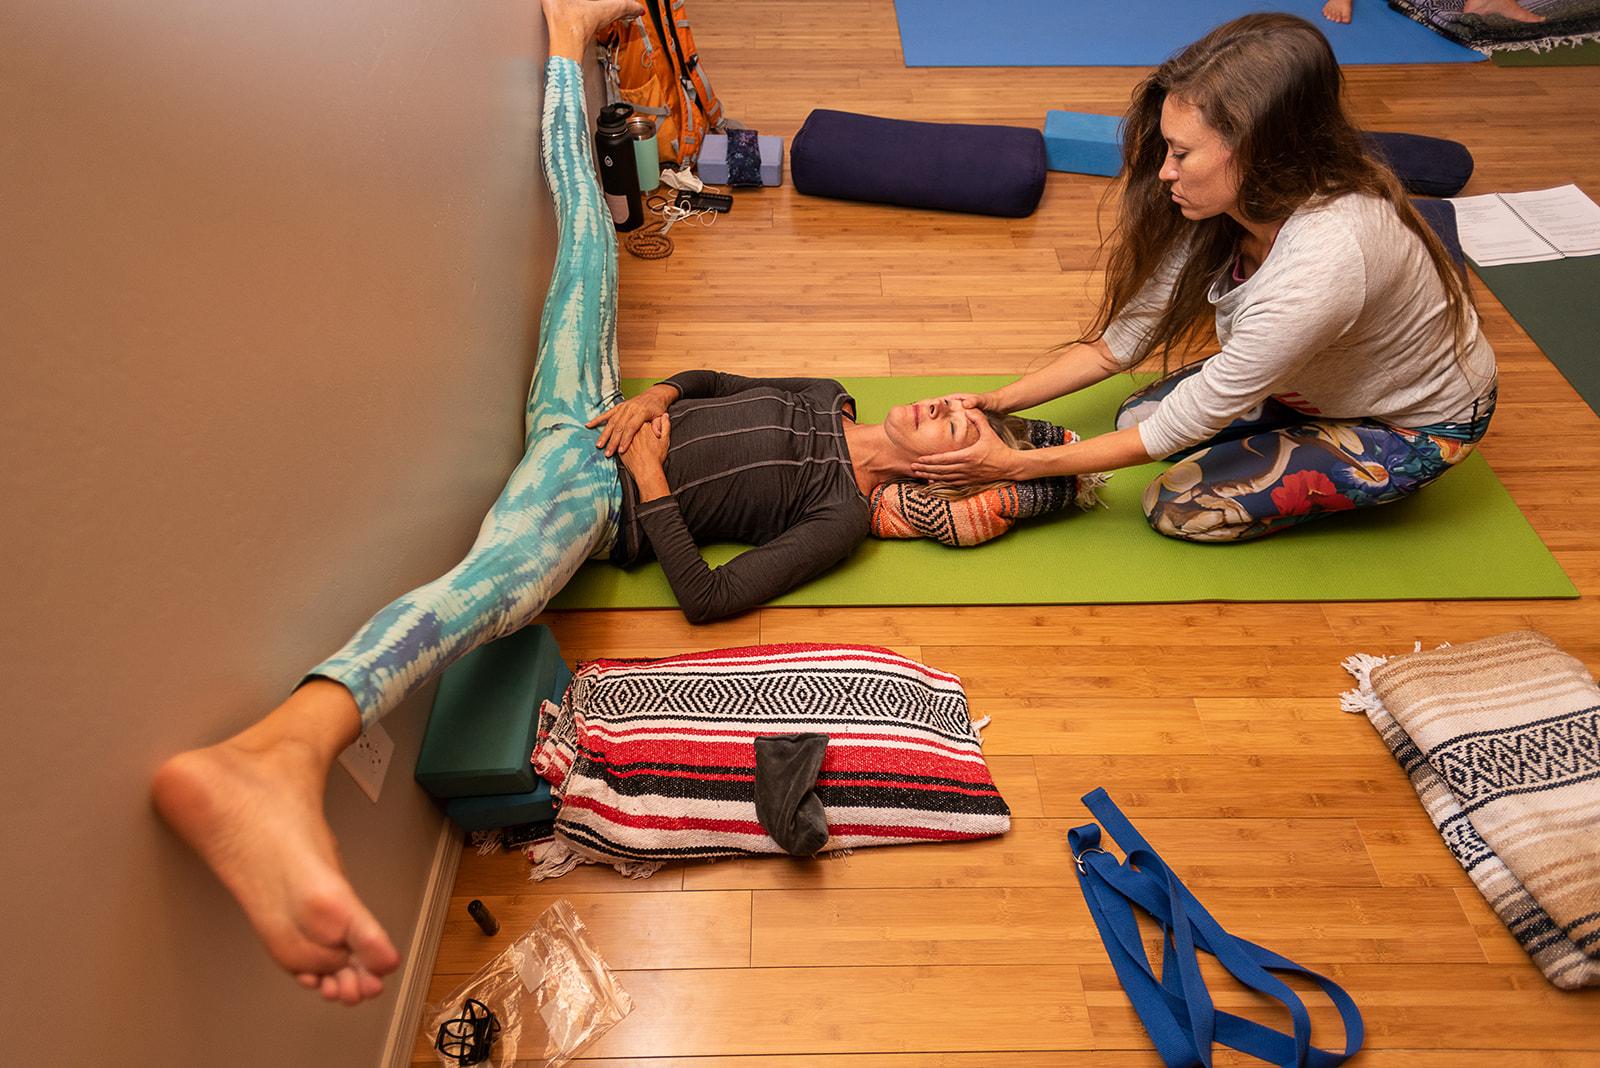 yin-yoga-teacher-training-durga-excursions-sedona-I-2019-111.jpg